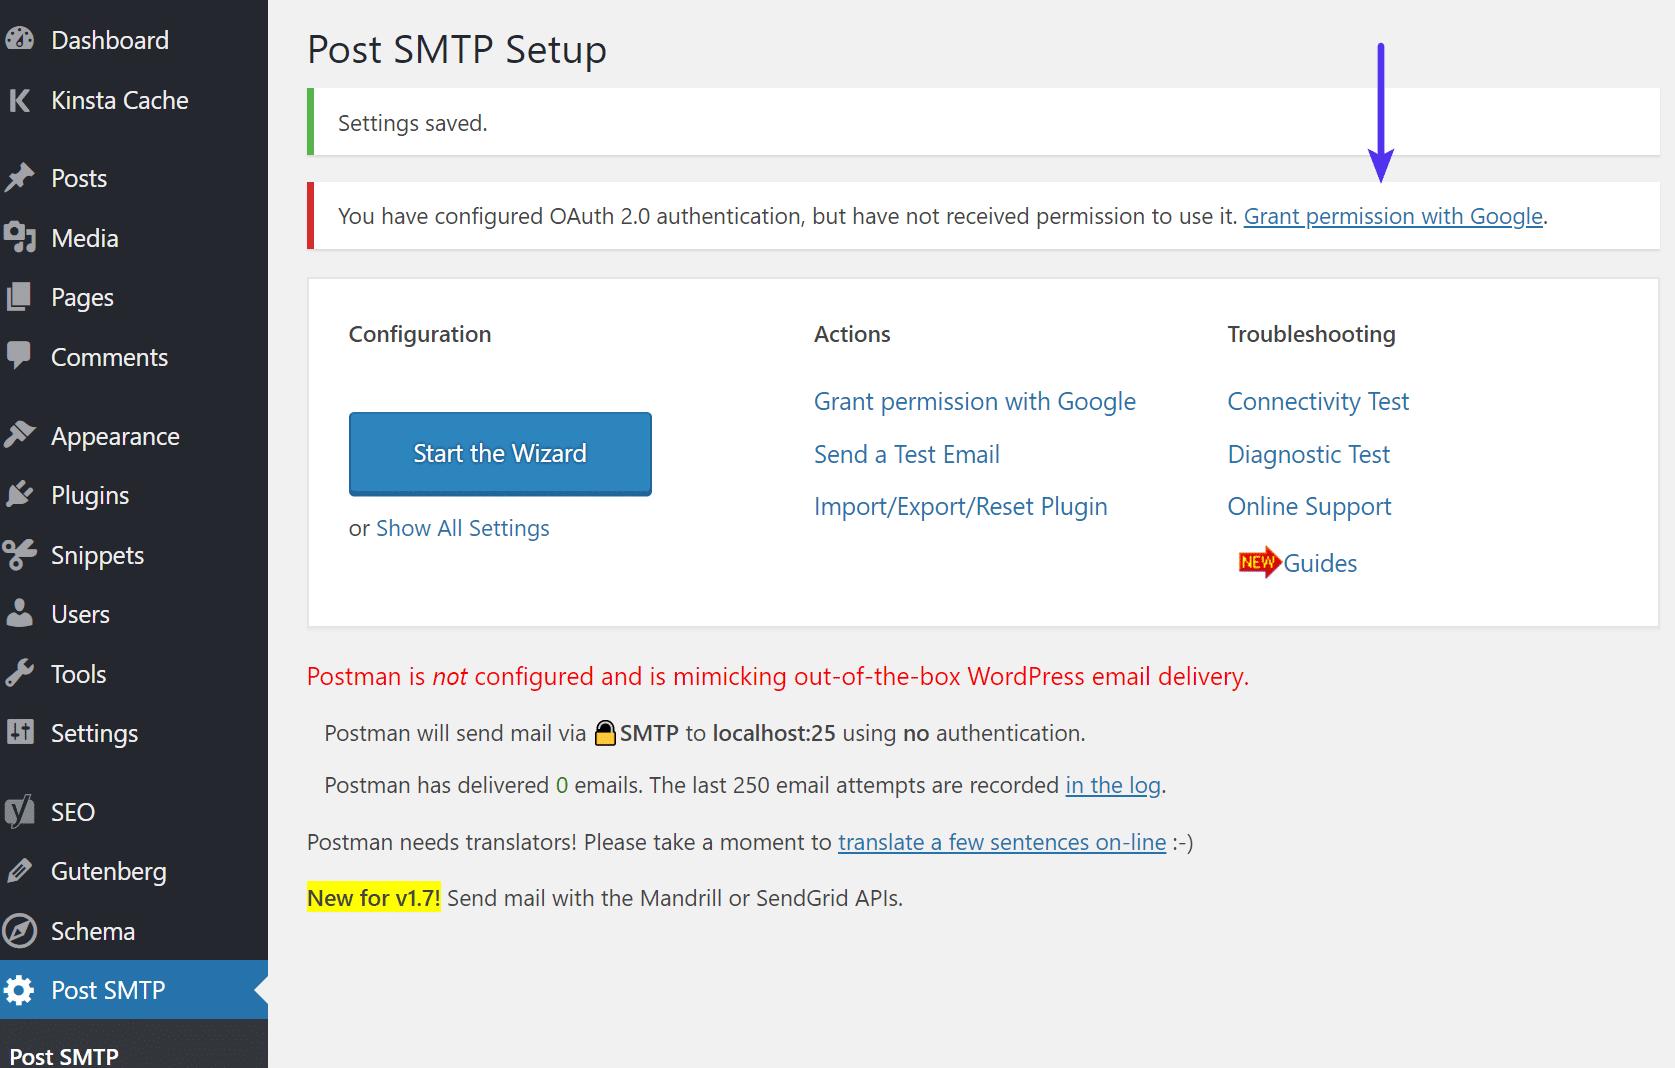 Indtast SMTP-tilladelse